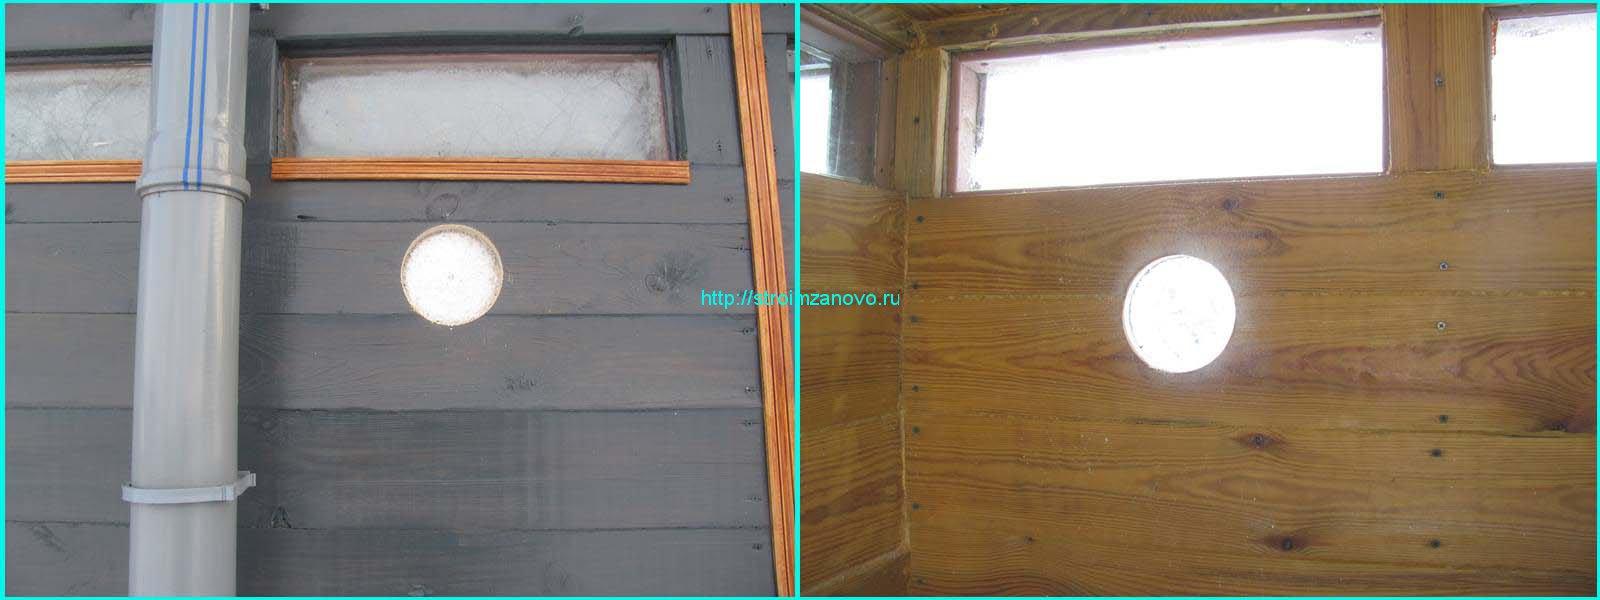 Вентиляция в дачном туалете фото